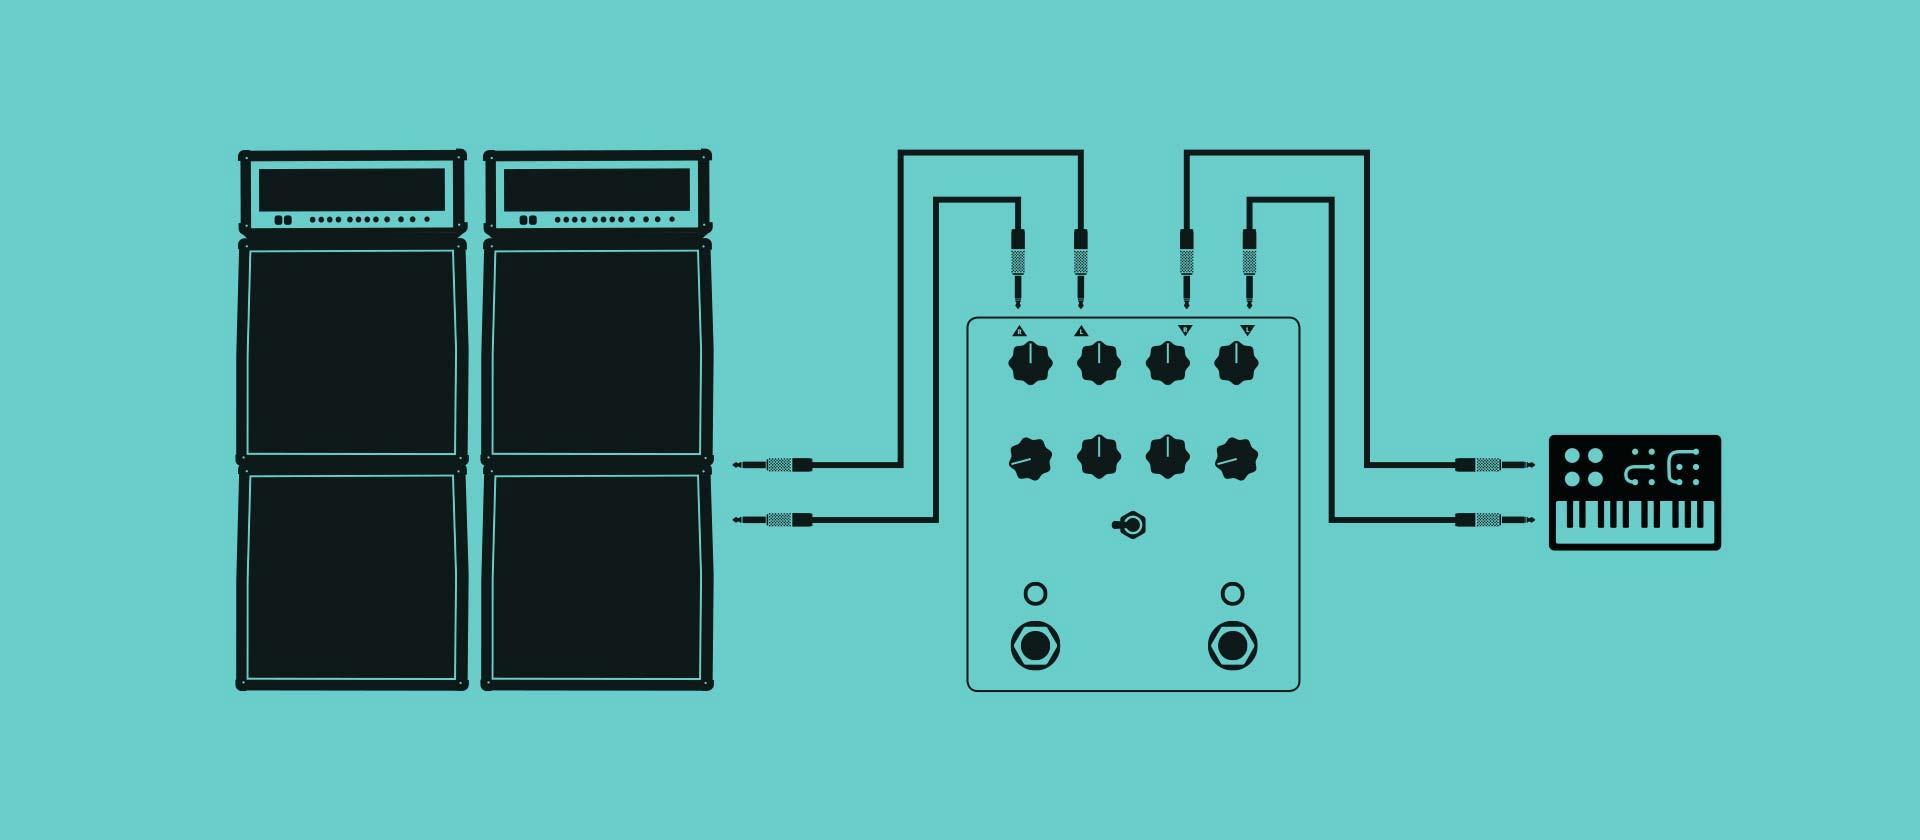 ステレオ入力とステレオ出力で使用の場合  ご使用のステレオ仕様の楽器をLeftとRightに入力して、アウトプットのLeftとRightから、次のステレオ仕様のペダル、またはDAWや2台のアンプに接続してください。